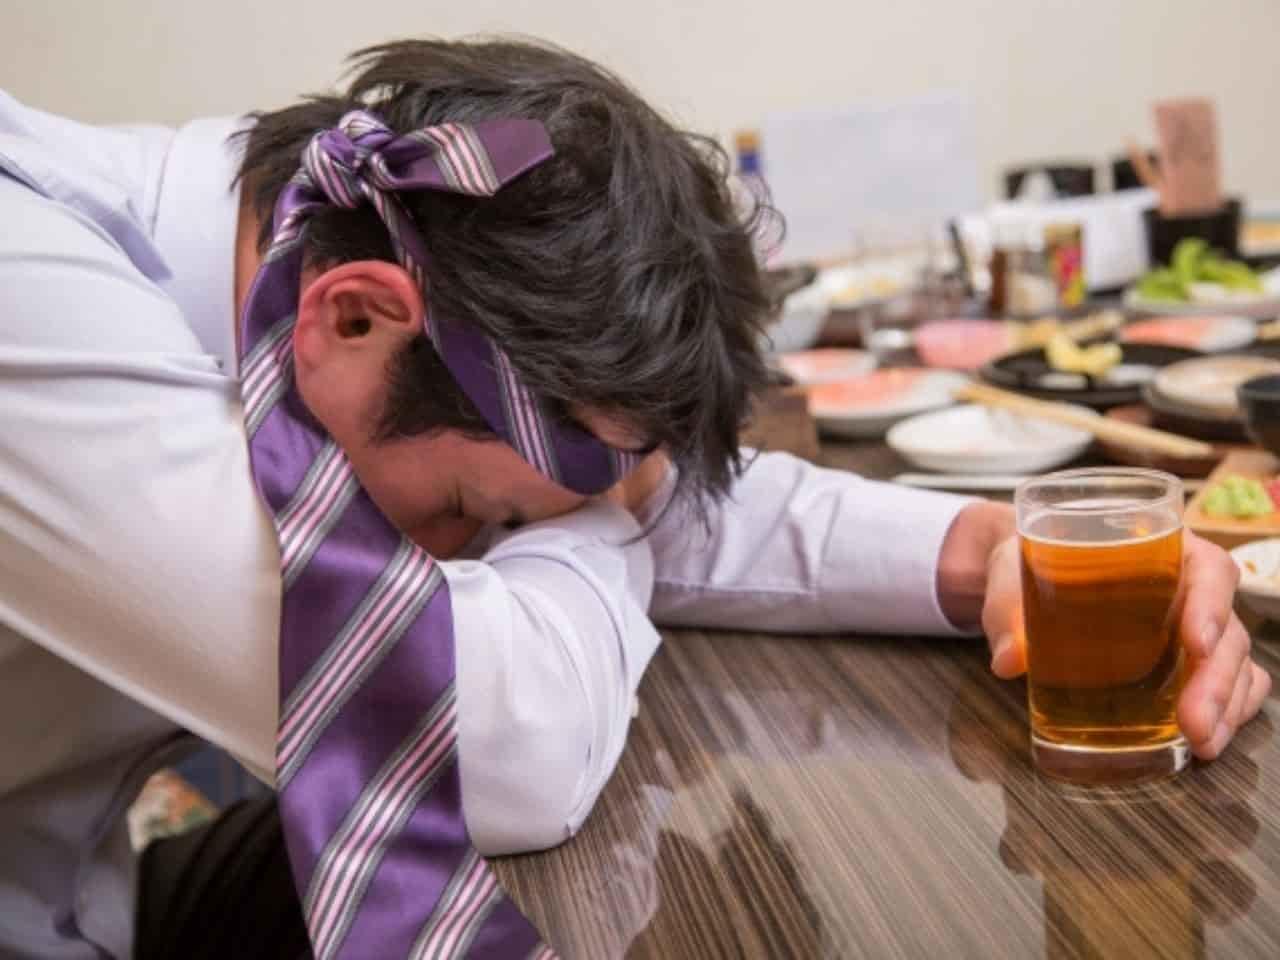 酔ったらすぐテーブルにうつぶせて寝る人